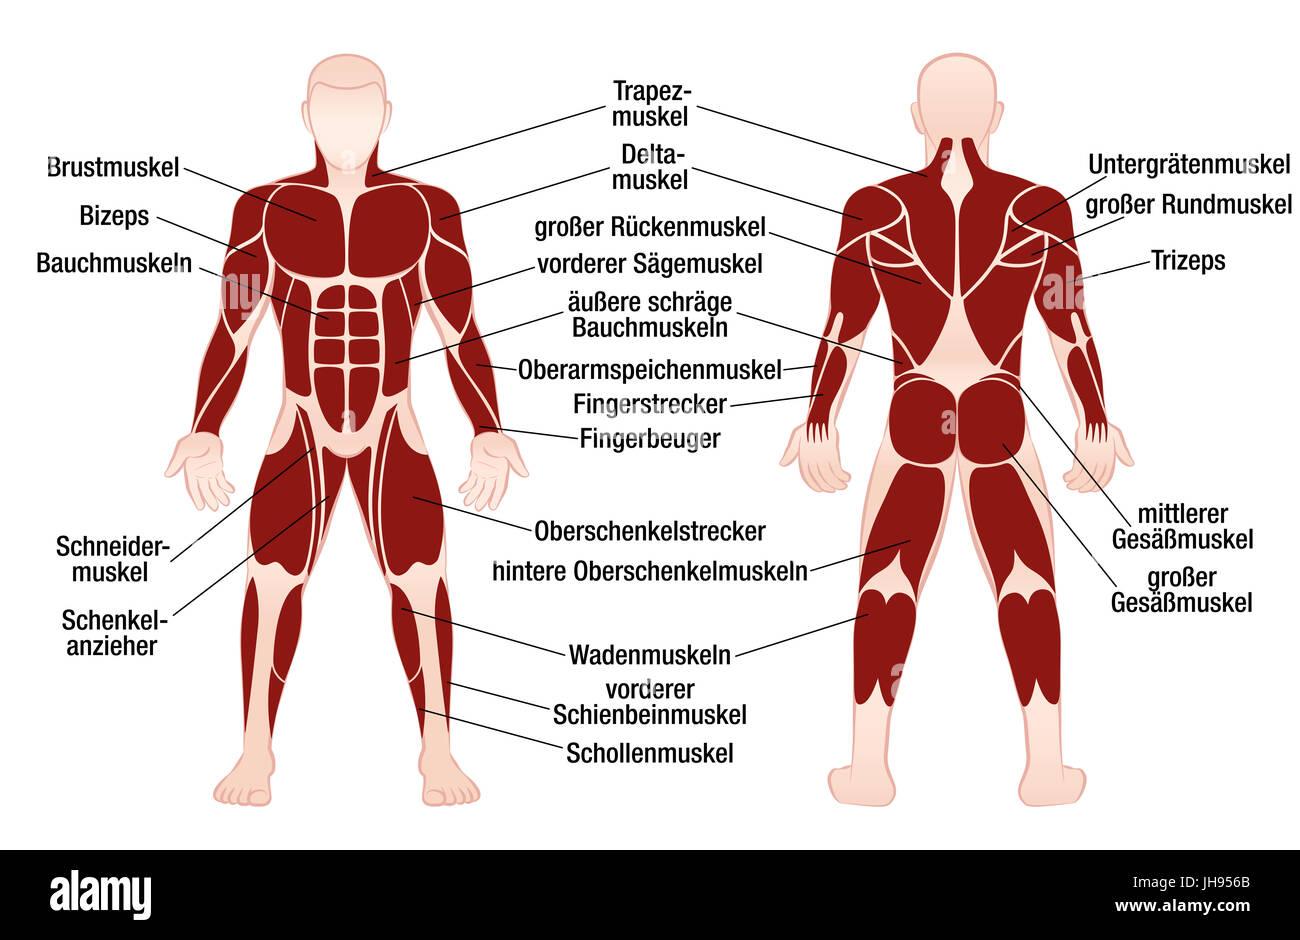 Erfreut Darm Bilder Anatomie Fotos - Menschliche Anatomie Bilder ...